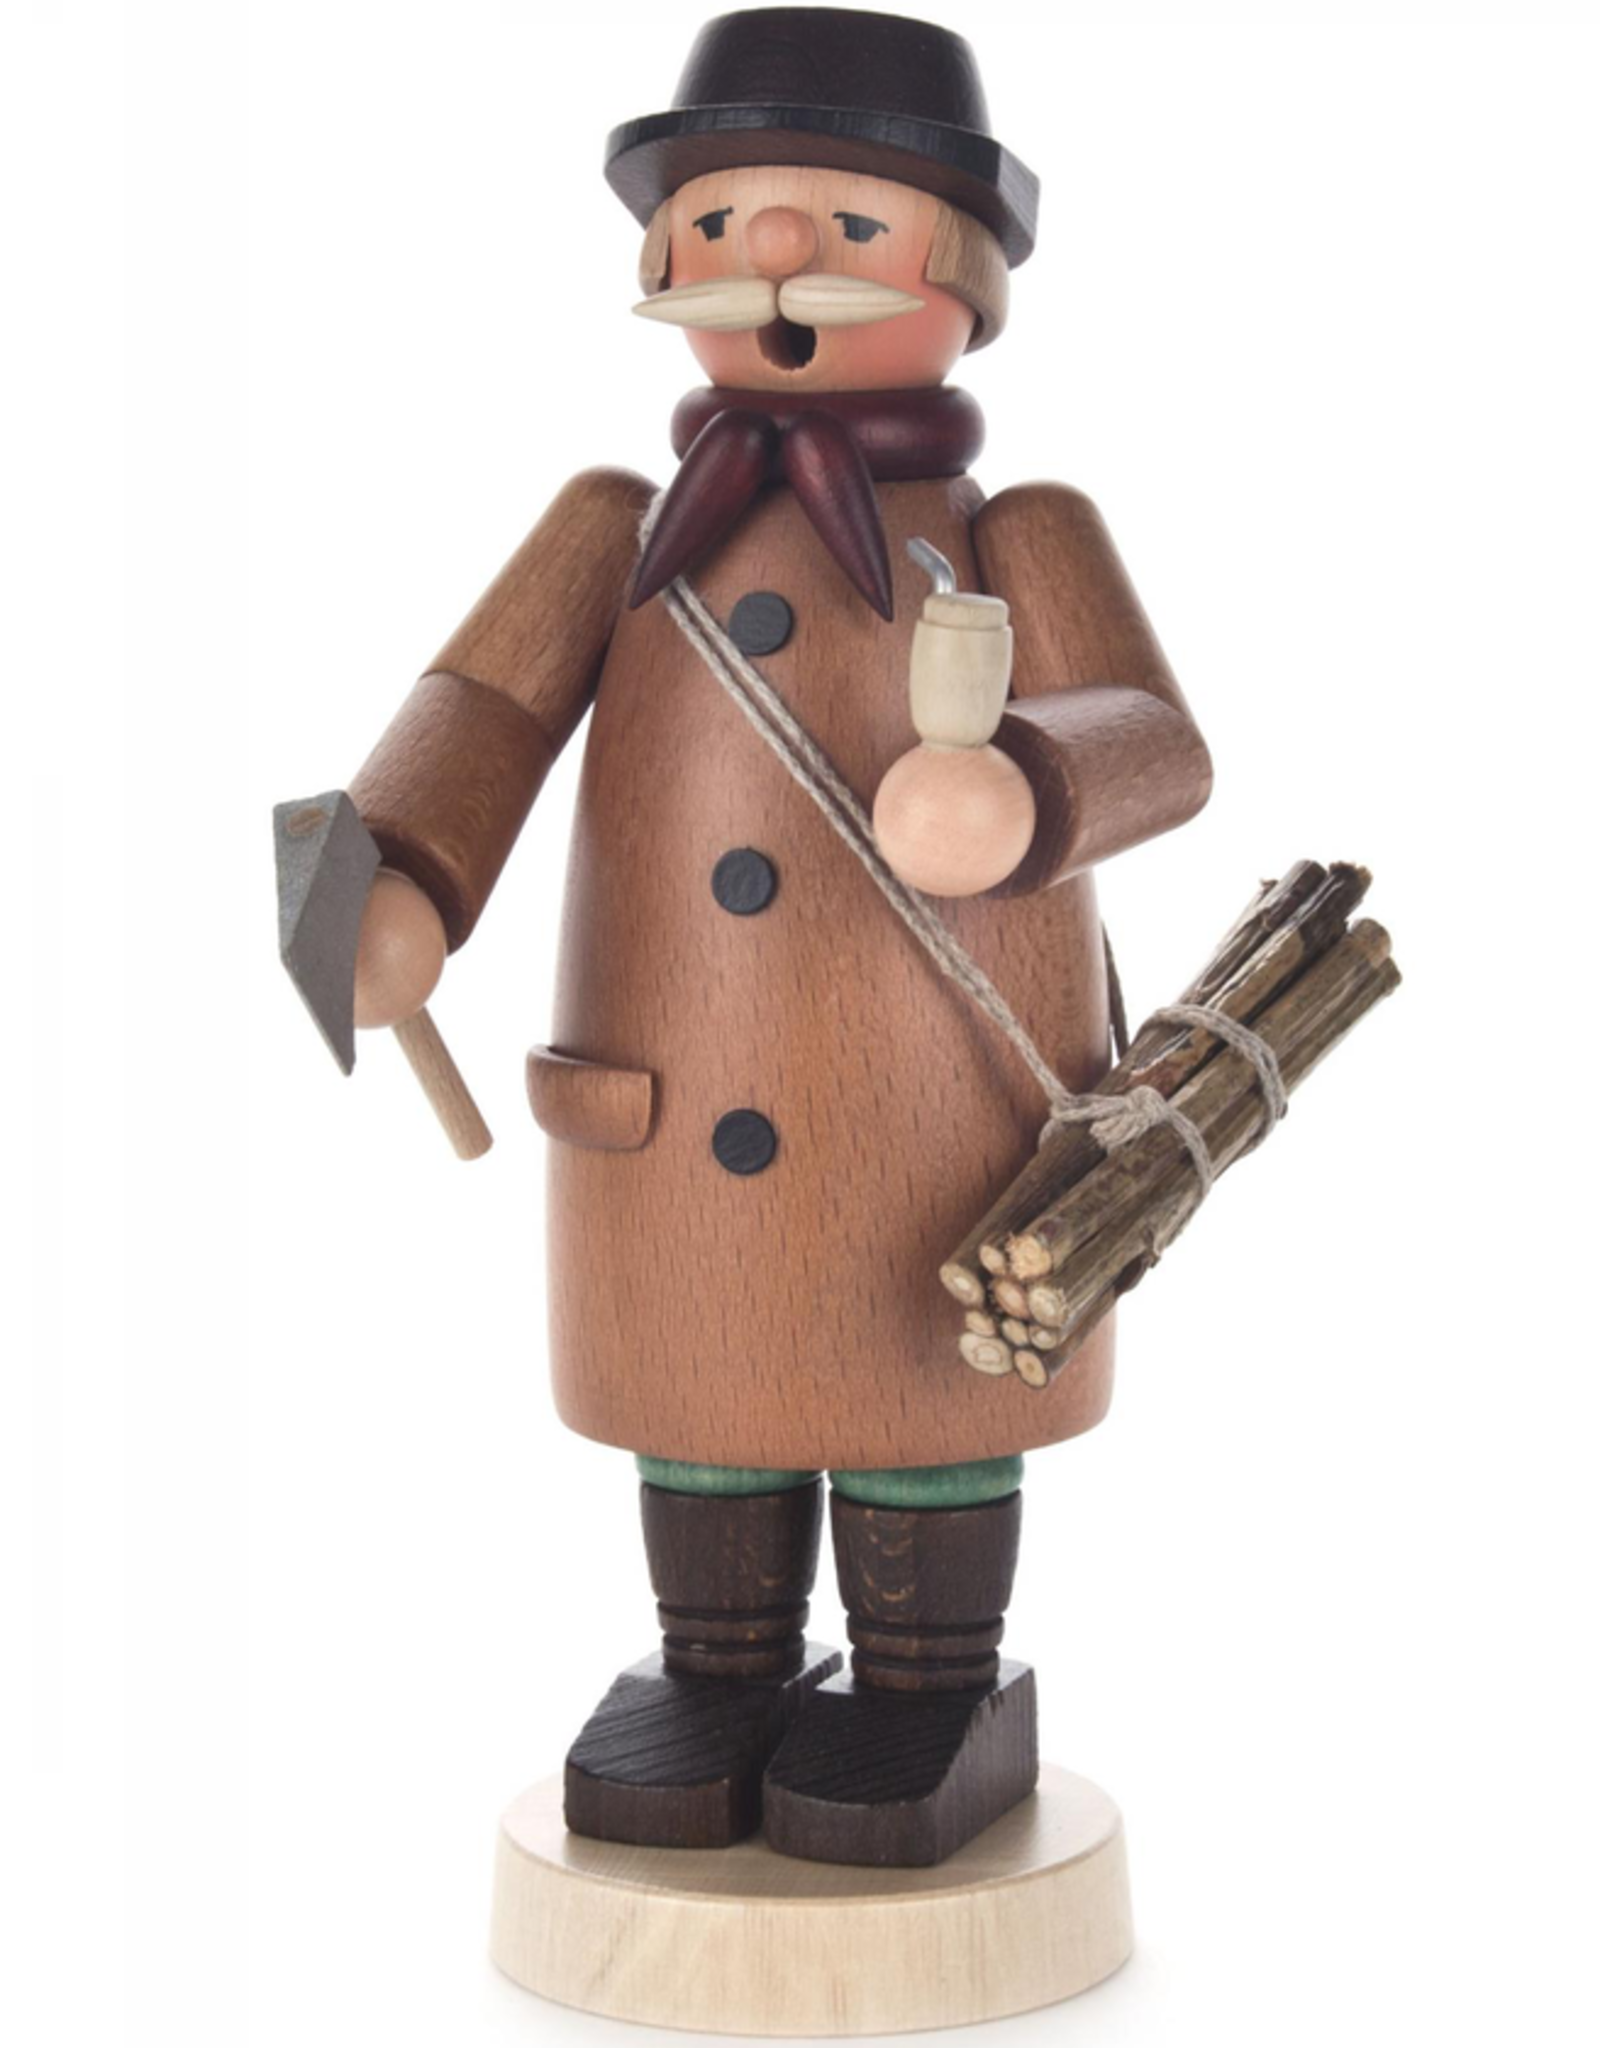 Lumberman Smoking (Incense) Man 18cm x 8cm